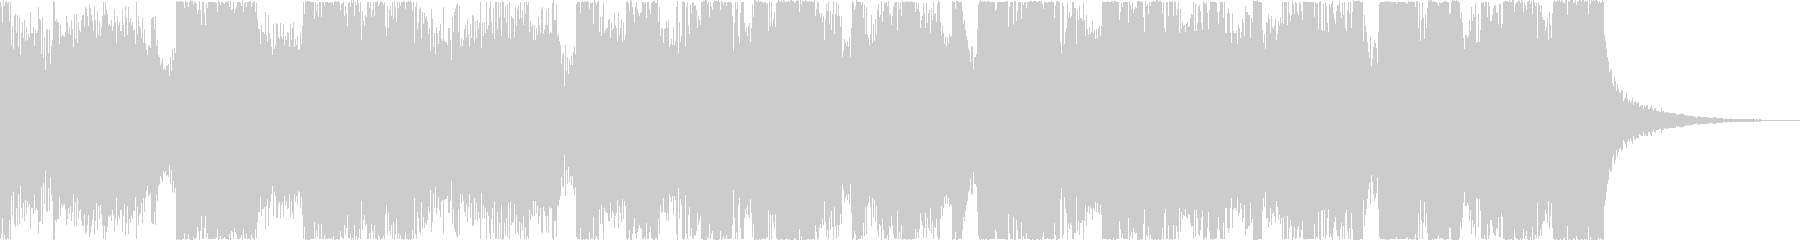 おしゃれレトロディスコシティポップfの未再生の波形